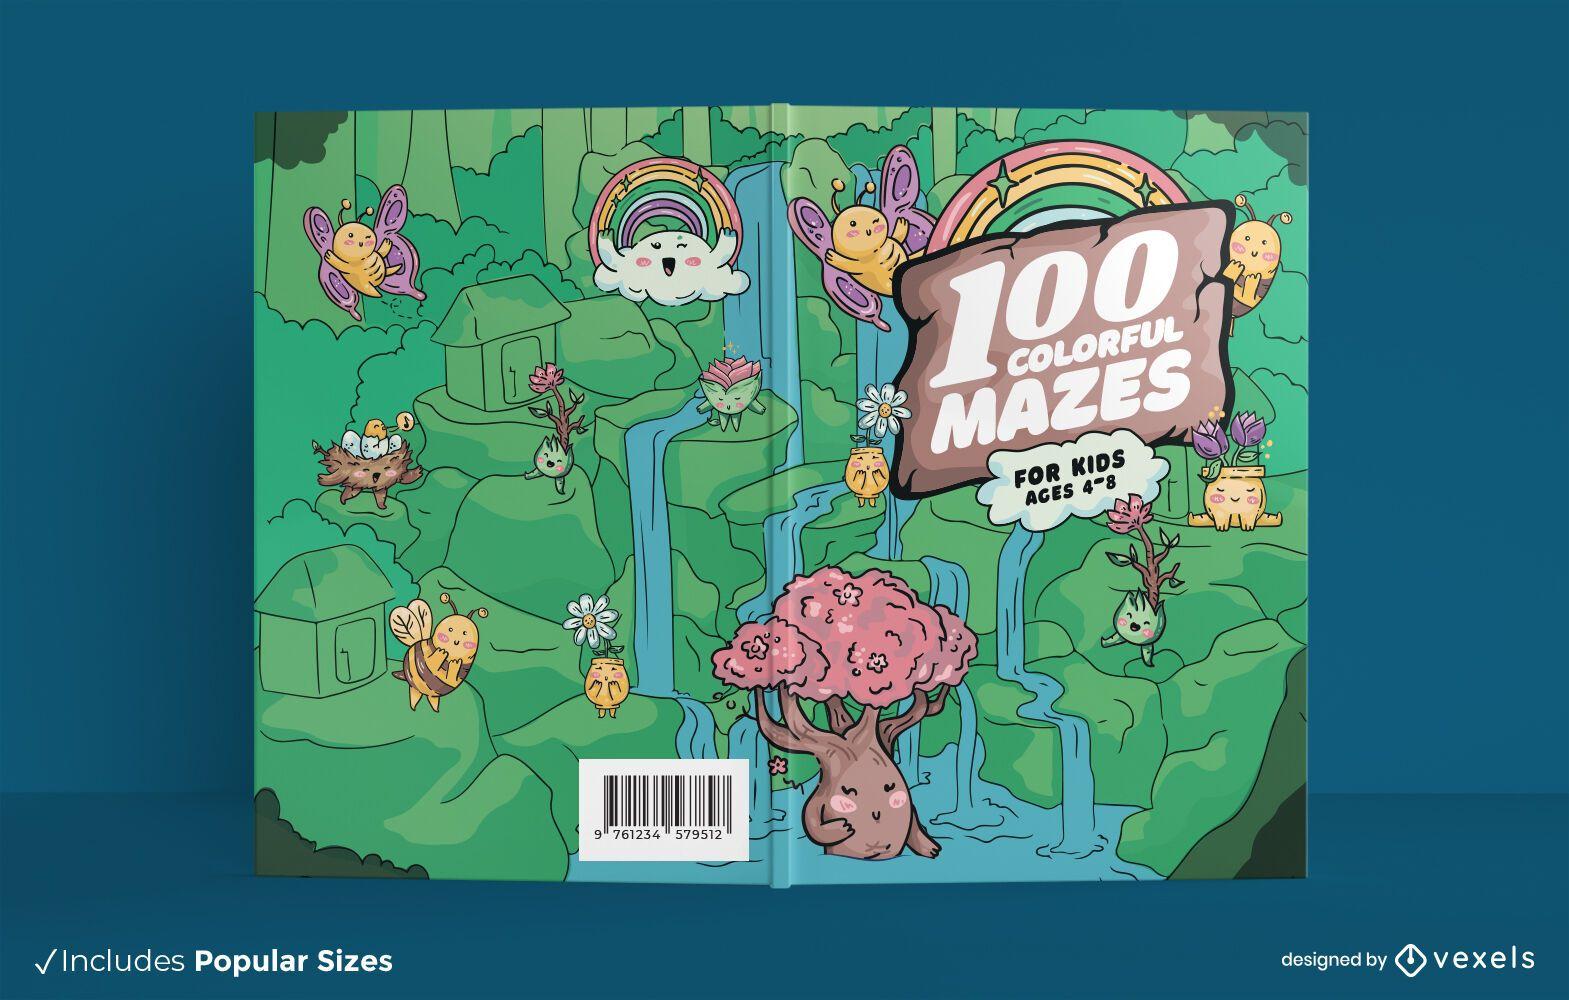 Colorful mazed book cover design